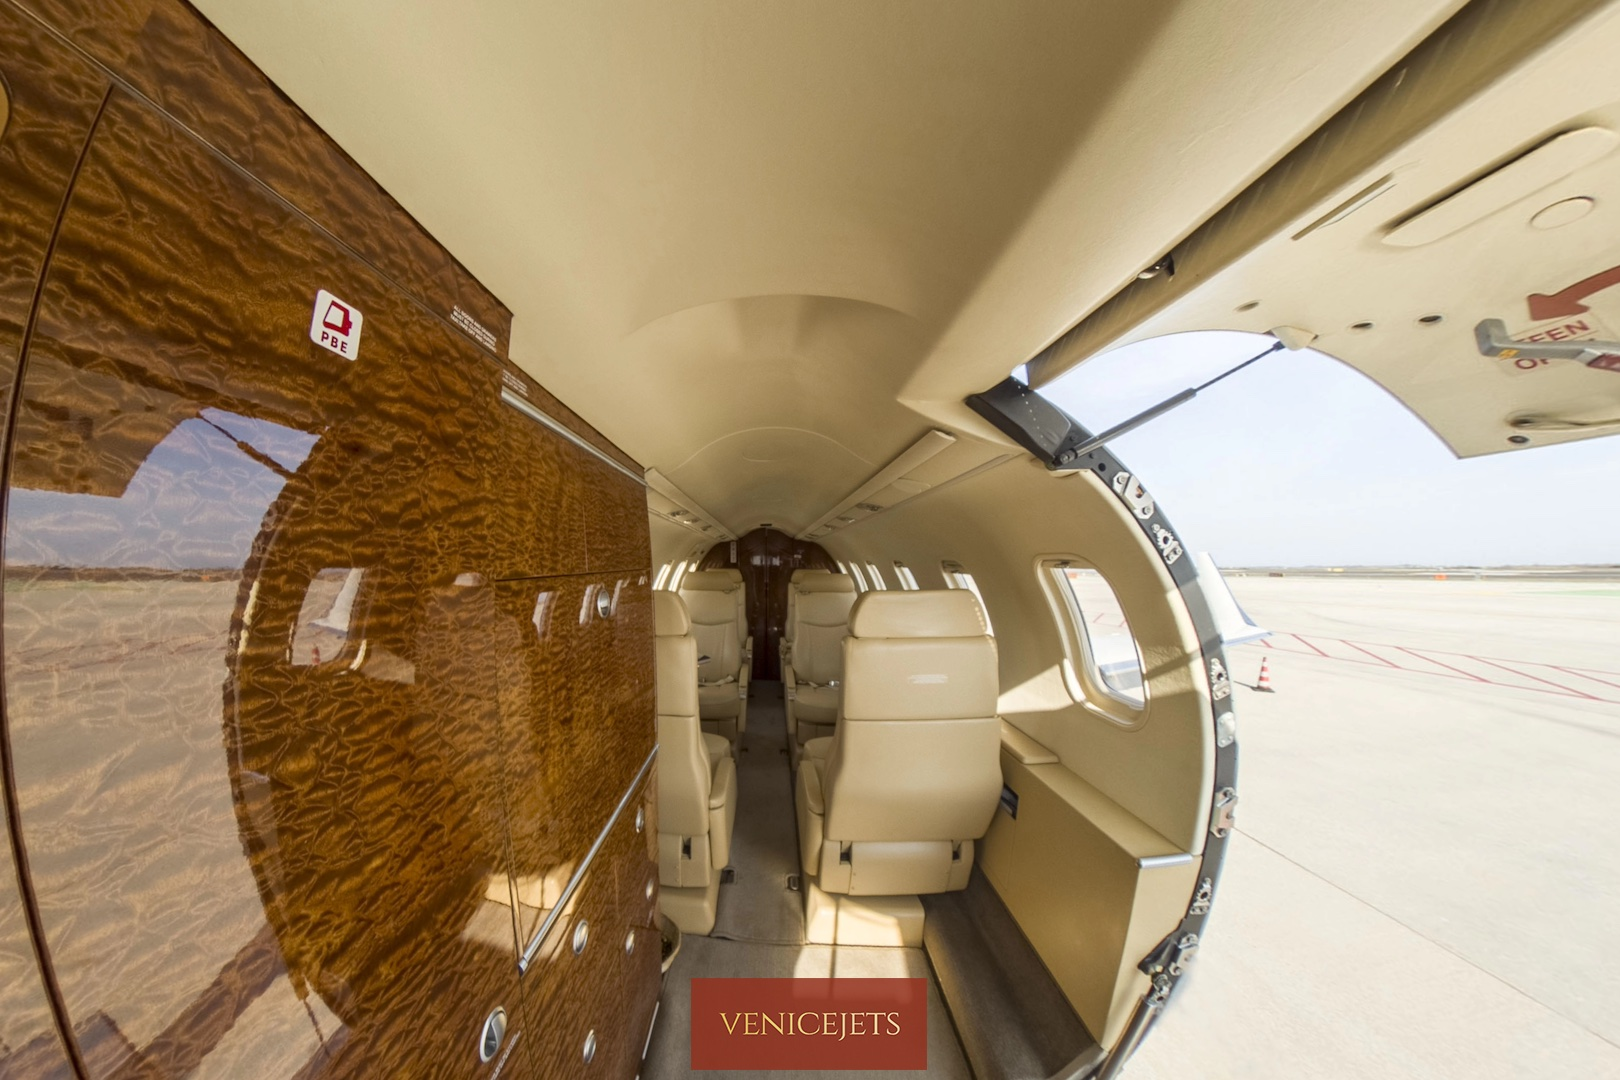 Learjet 40 - galley